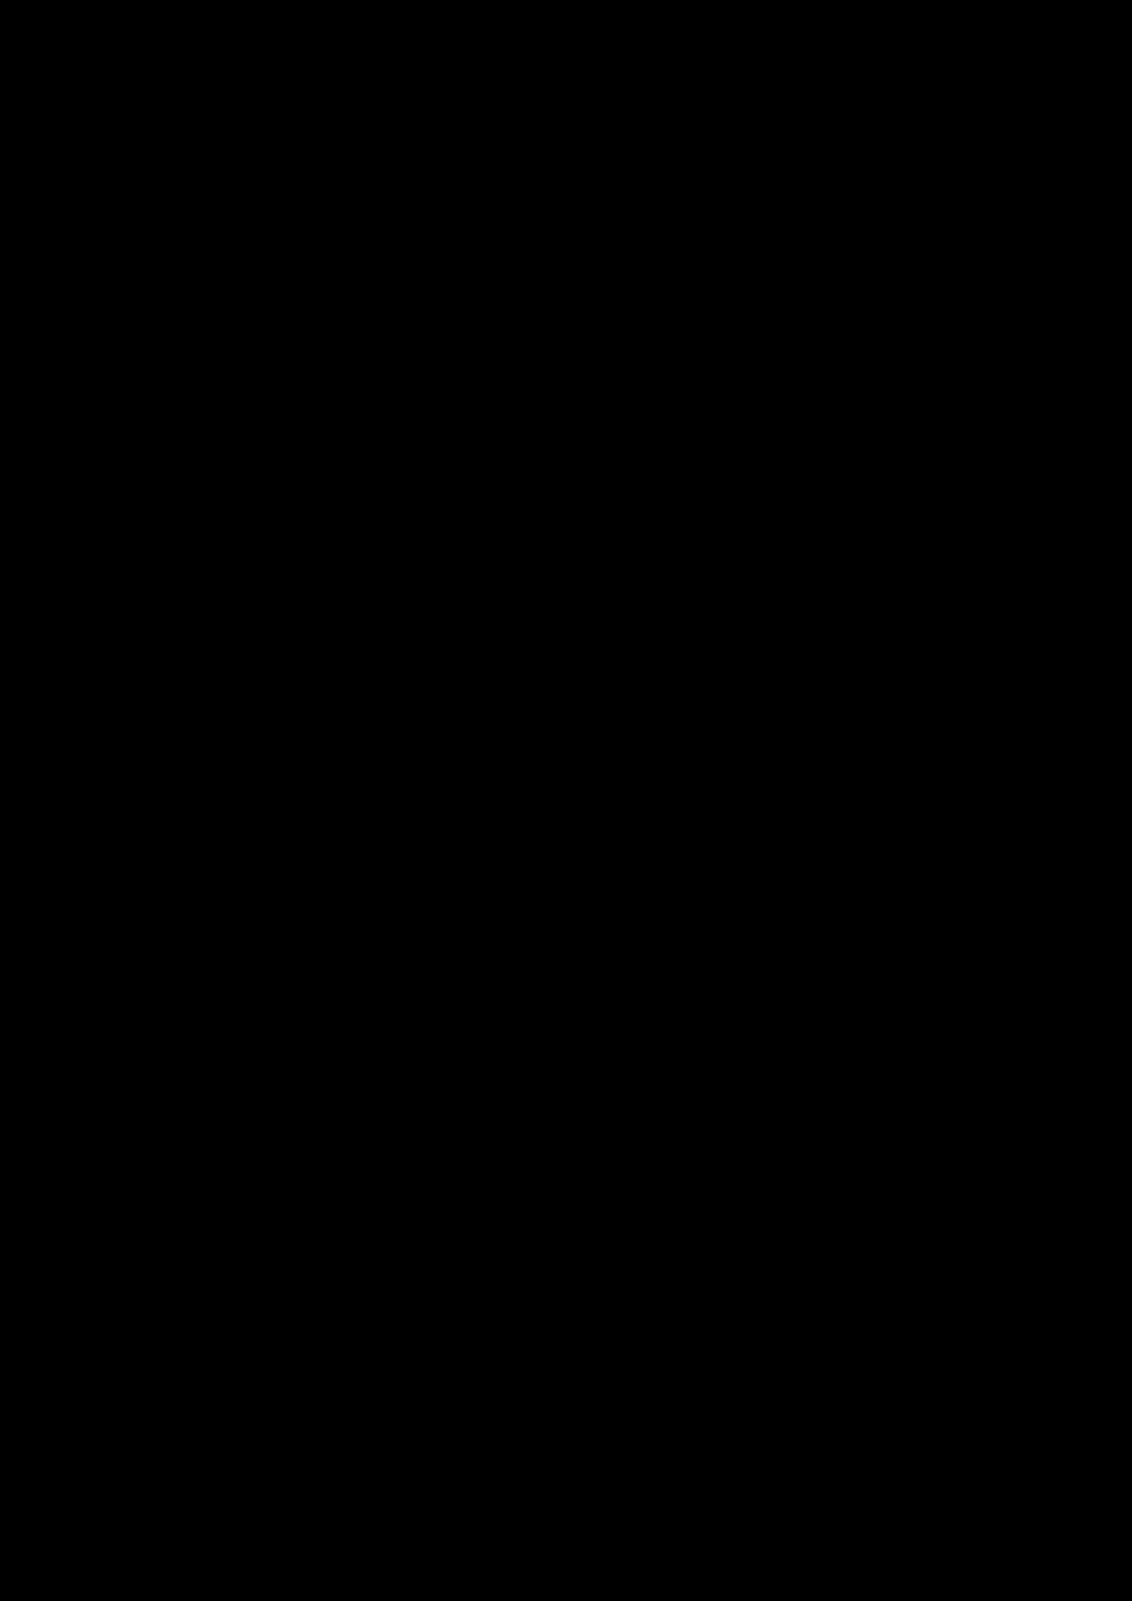 Proschanie s volshebnoy stranoy slide, Image 20